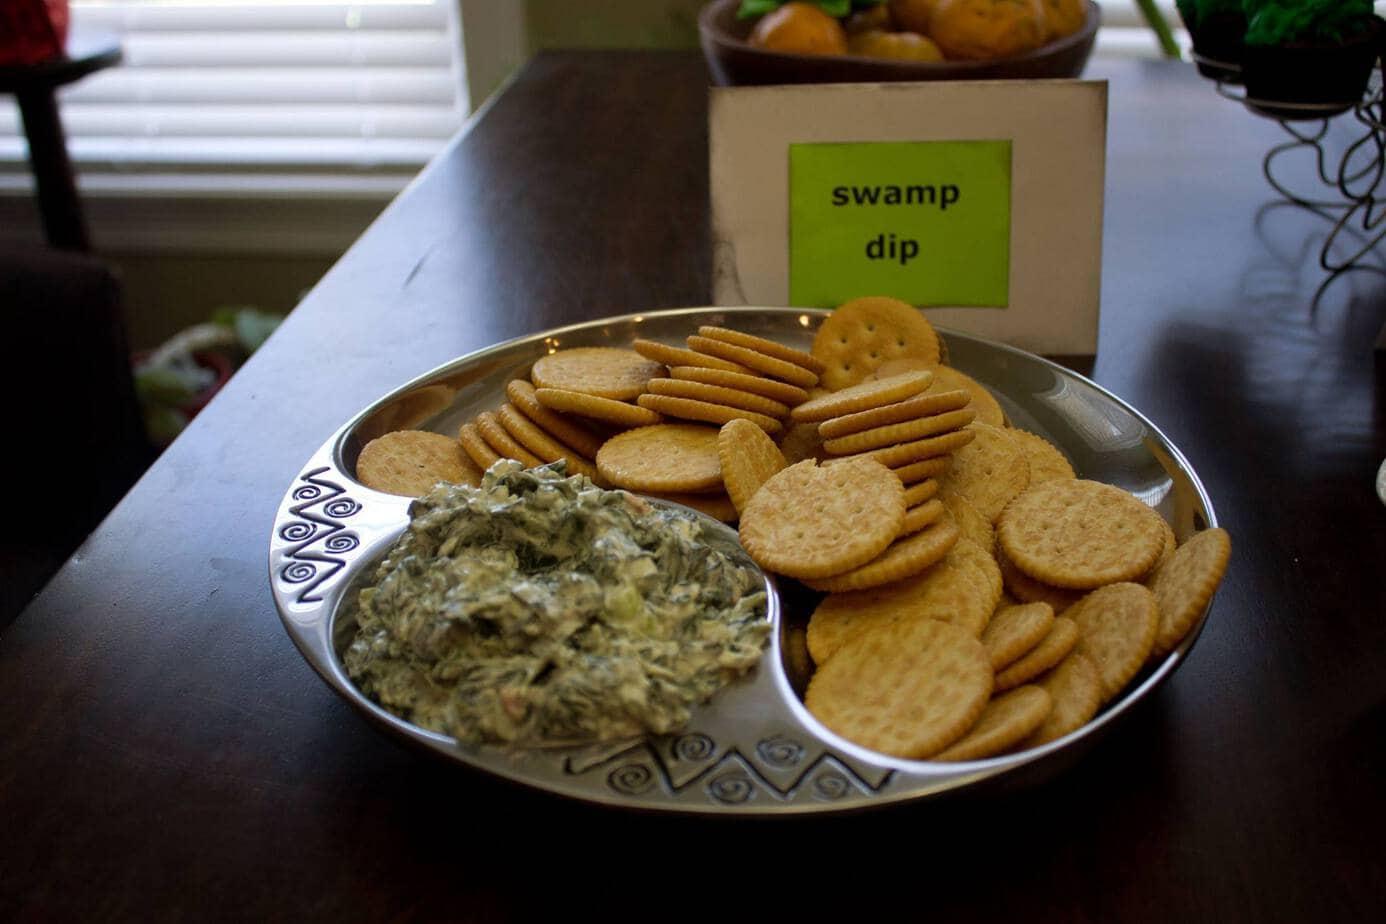 Swamp Dip